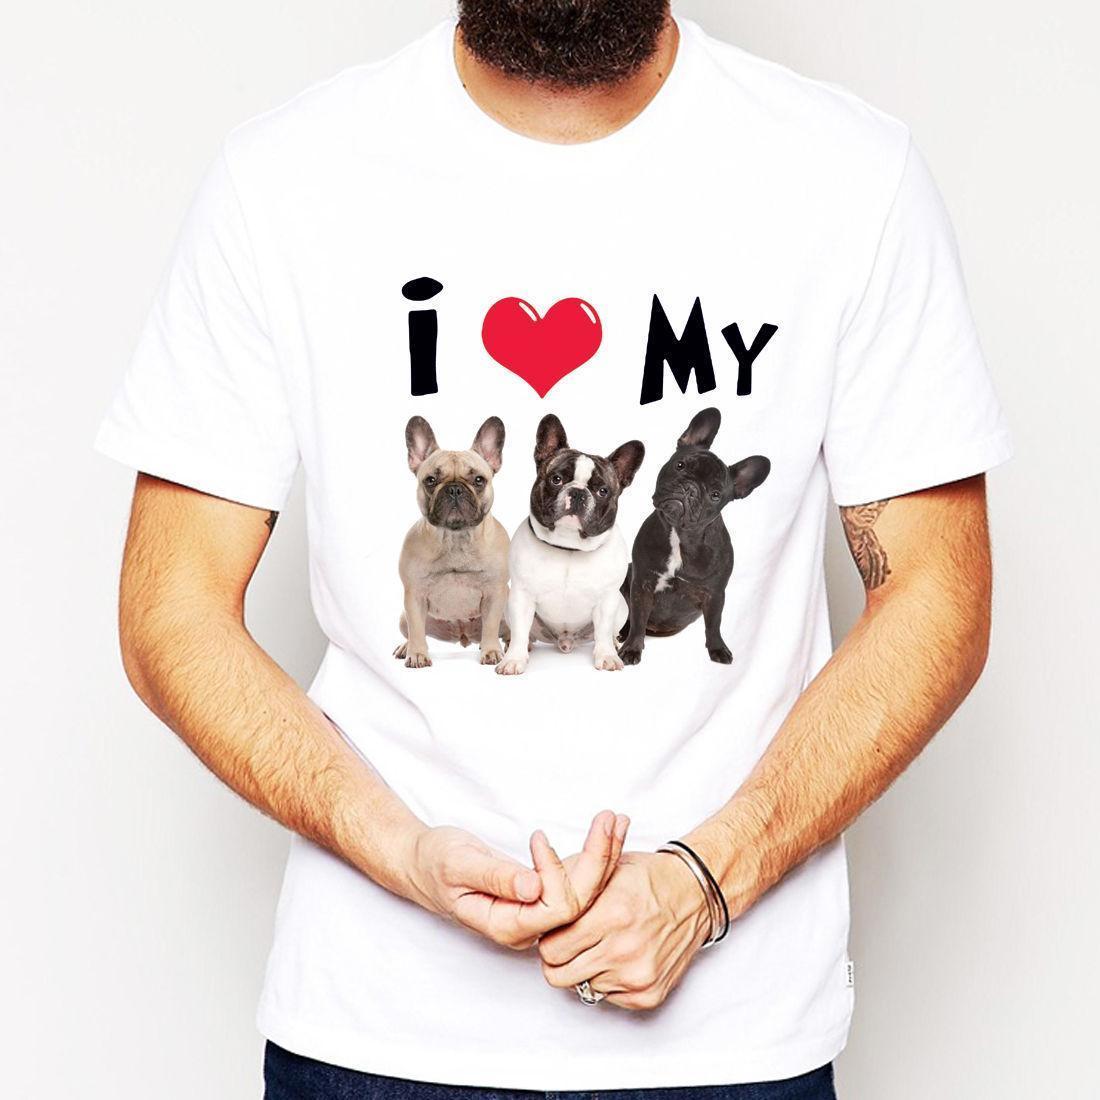 Großhandel Ich Liebe Meine Französische Bulldogge Tier Hund Katze Verrückt  Niedlich Party Geschenk Männer T Shirt Anzug Hut Rosa T Shirt Retro Vintage  ... 4182afd50e